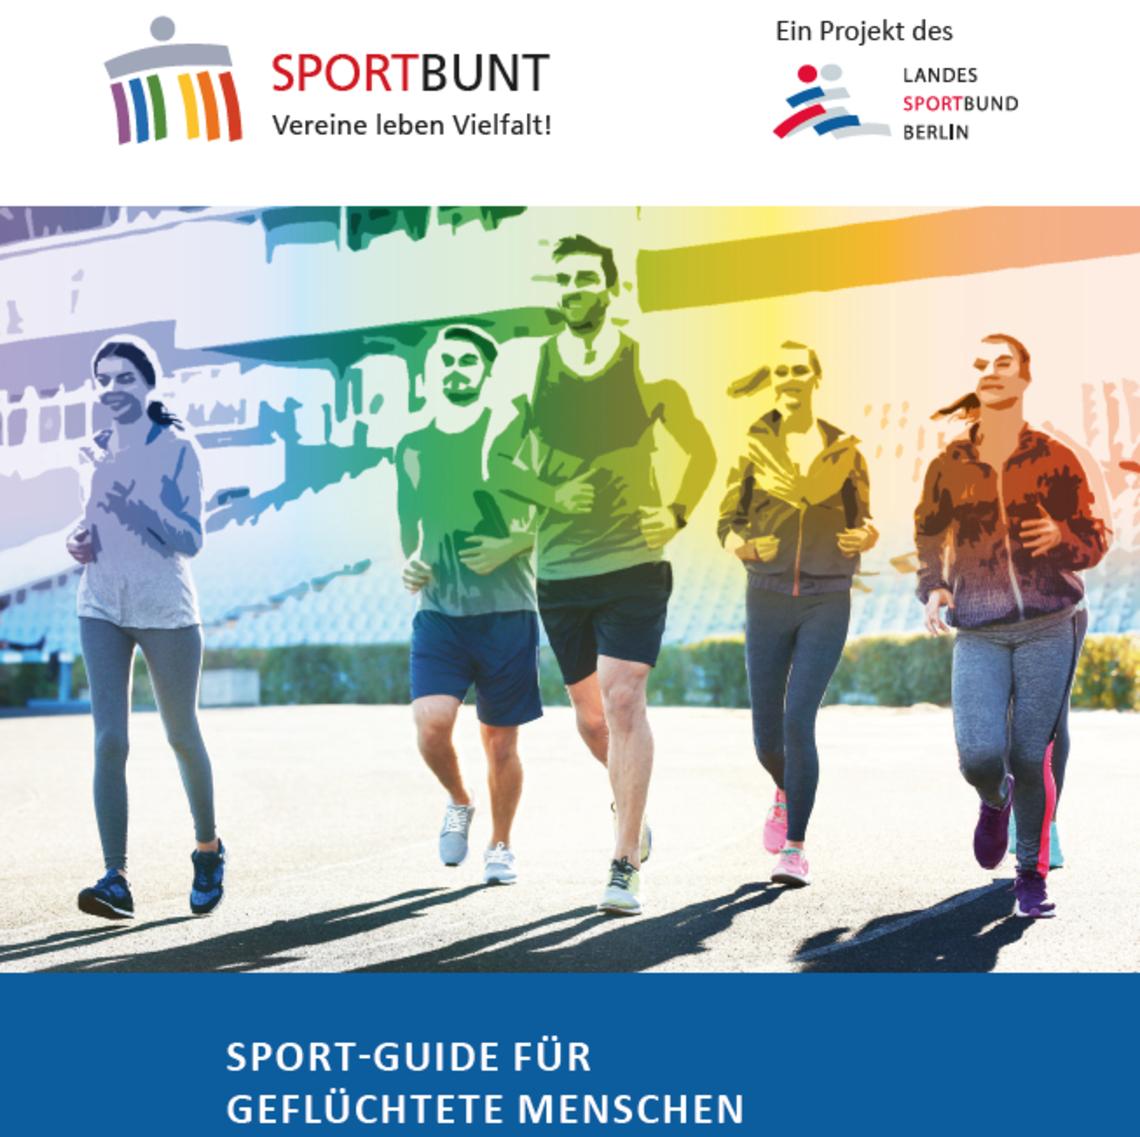 Sport-Guide für geflüchtete Menschen